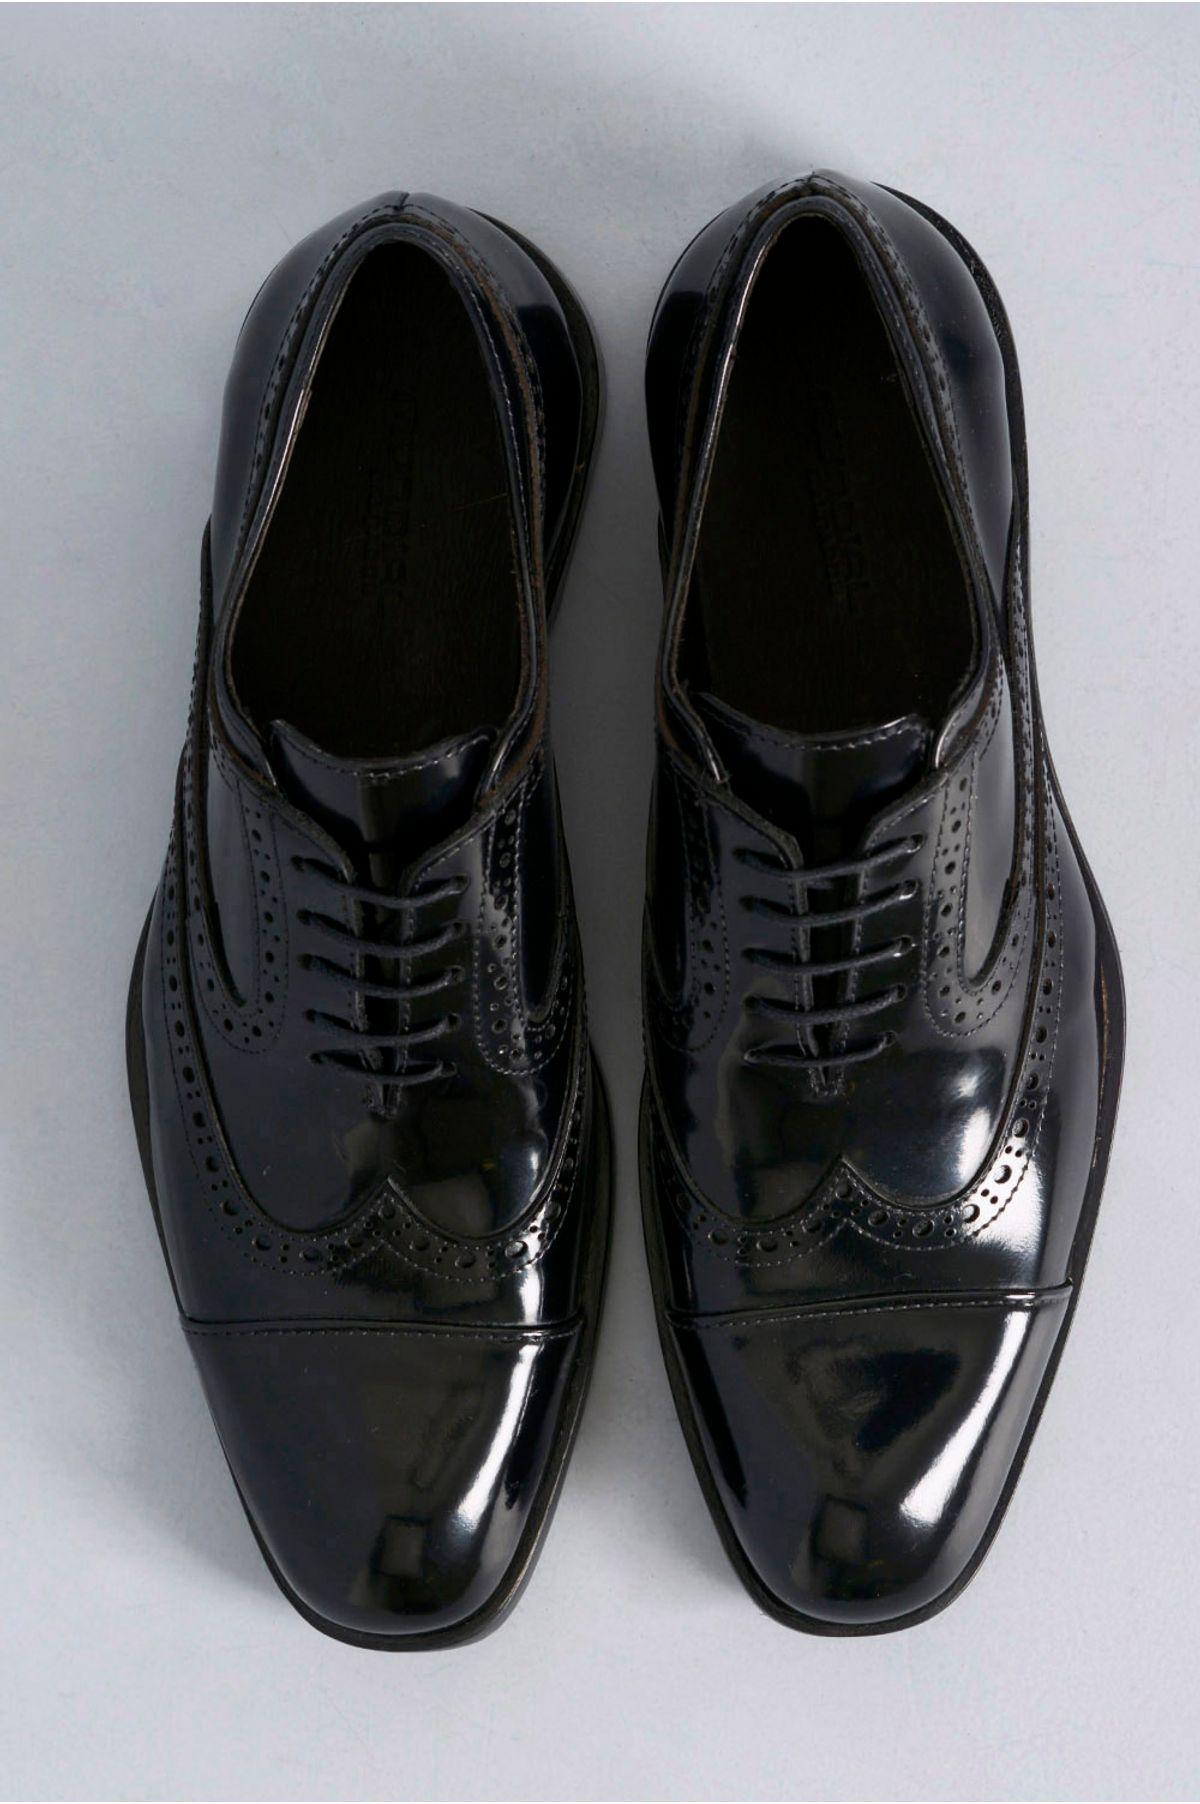 d8a59ac08 Sapato Masculino Rogério Mundial CR-PRETO - Mundial Calçados